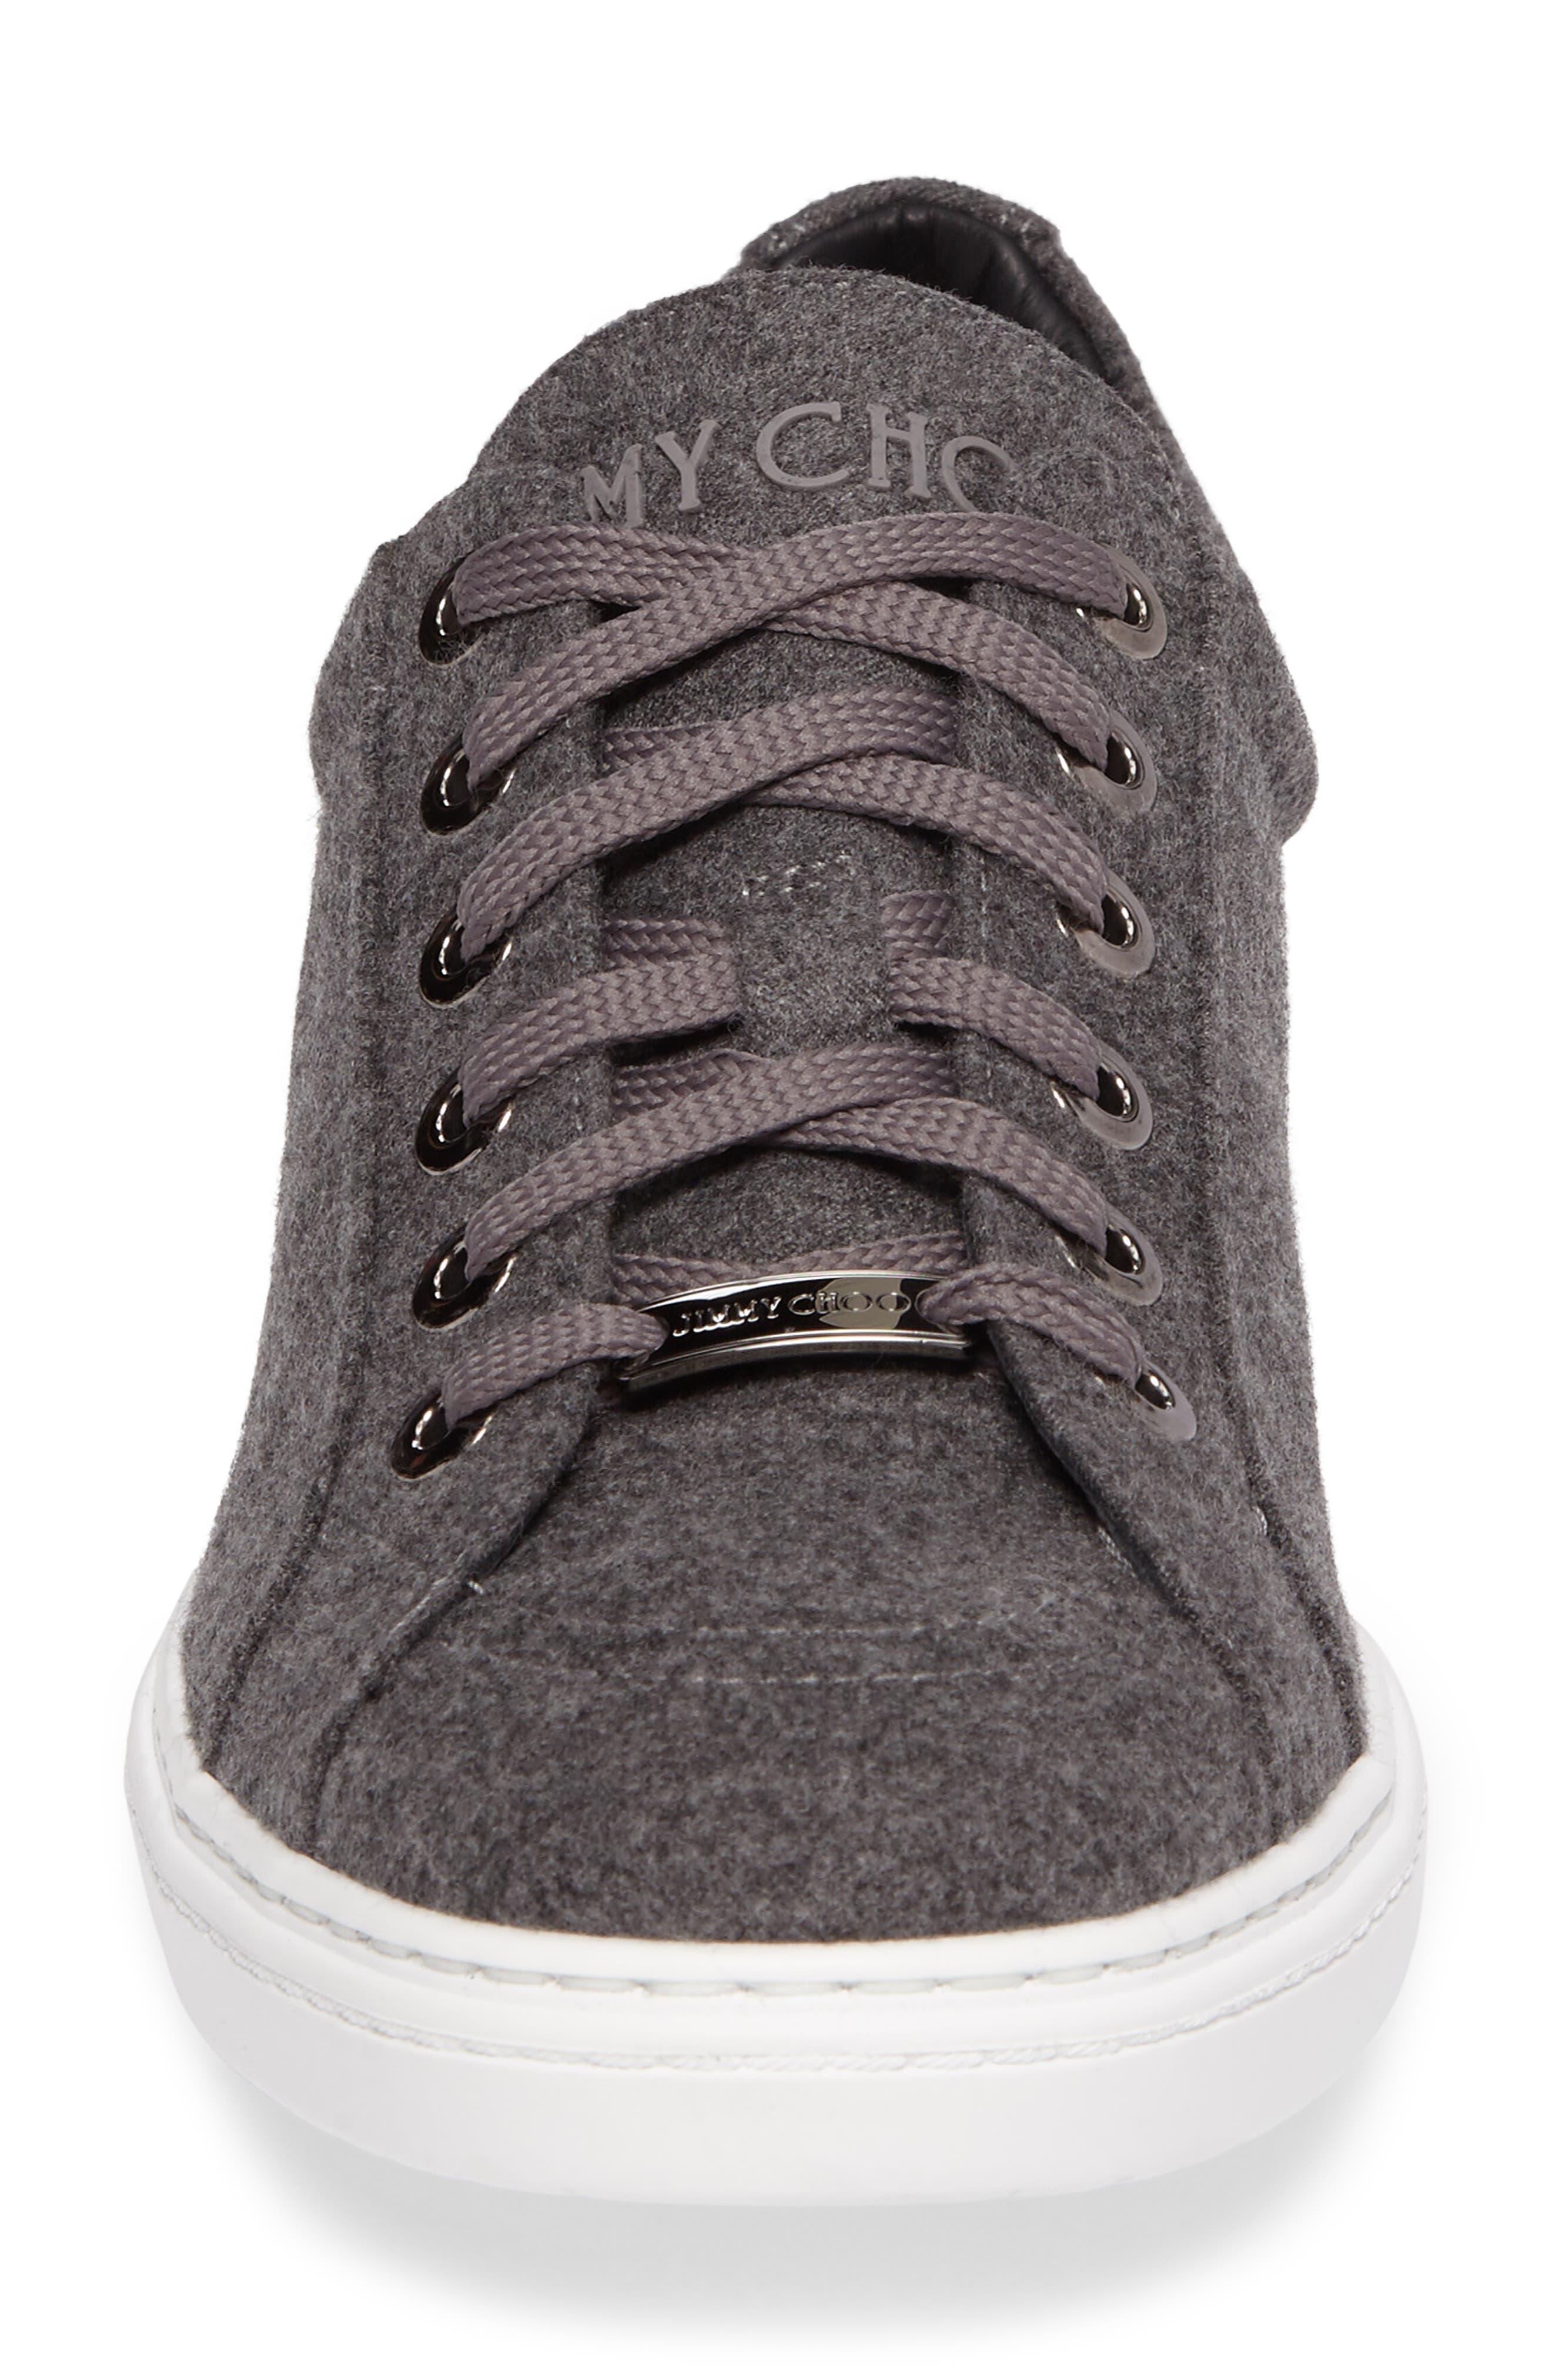 Low Top Sneaker,                             Alternate thumbnail 4, color,                             030